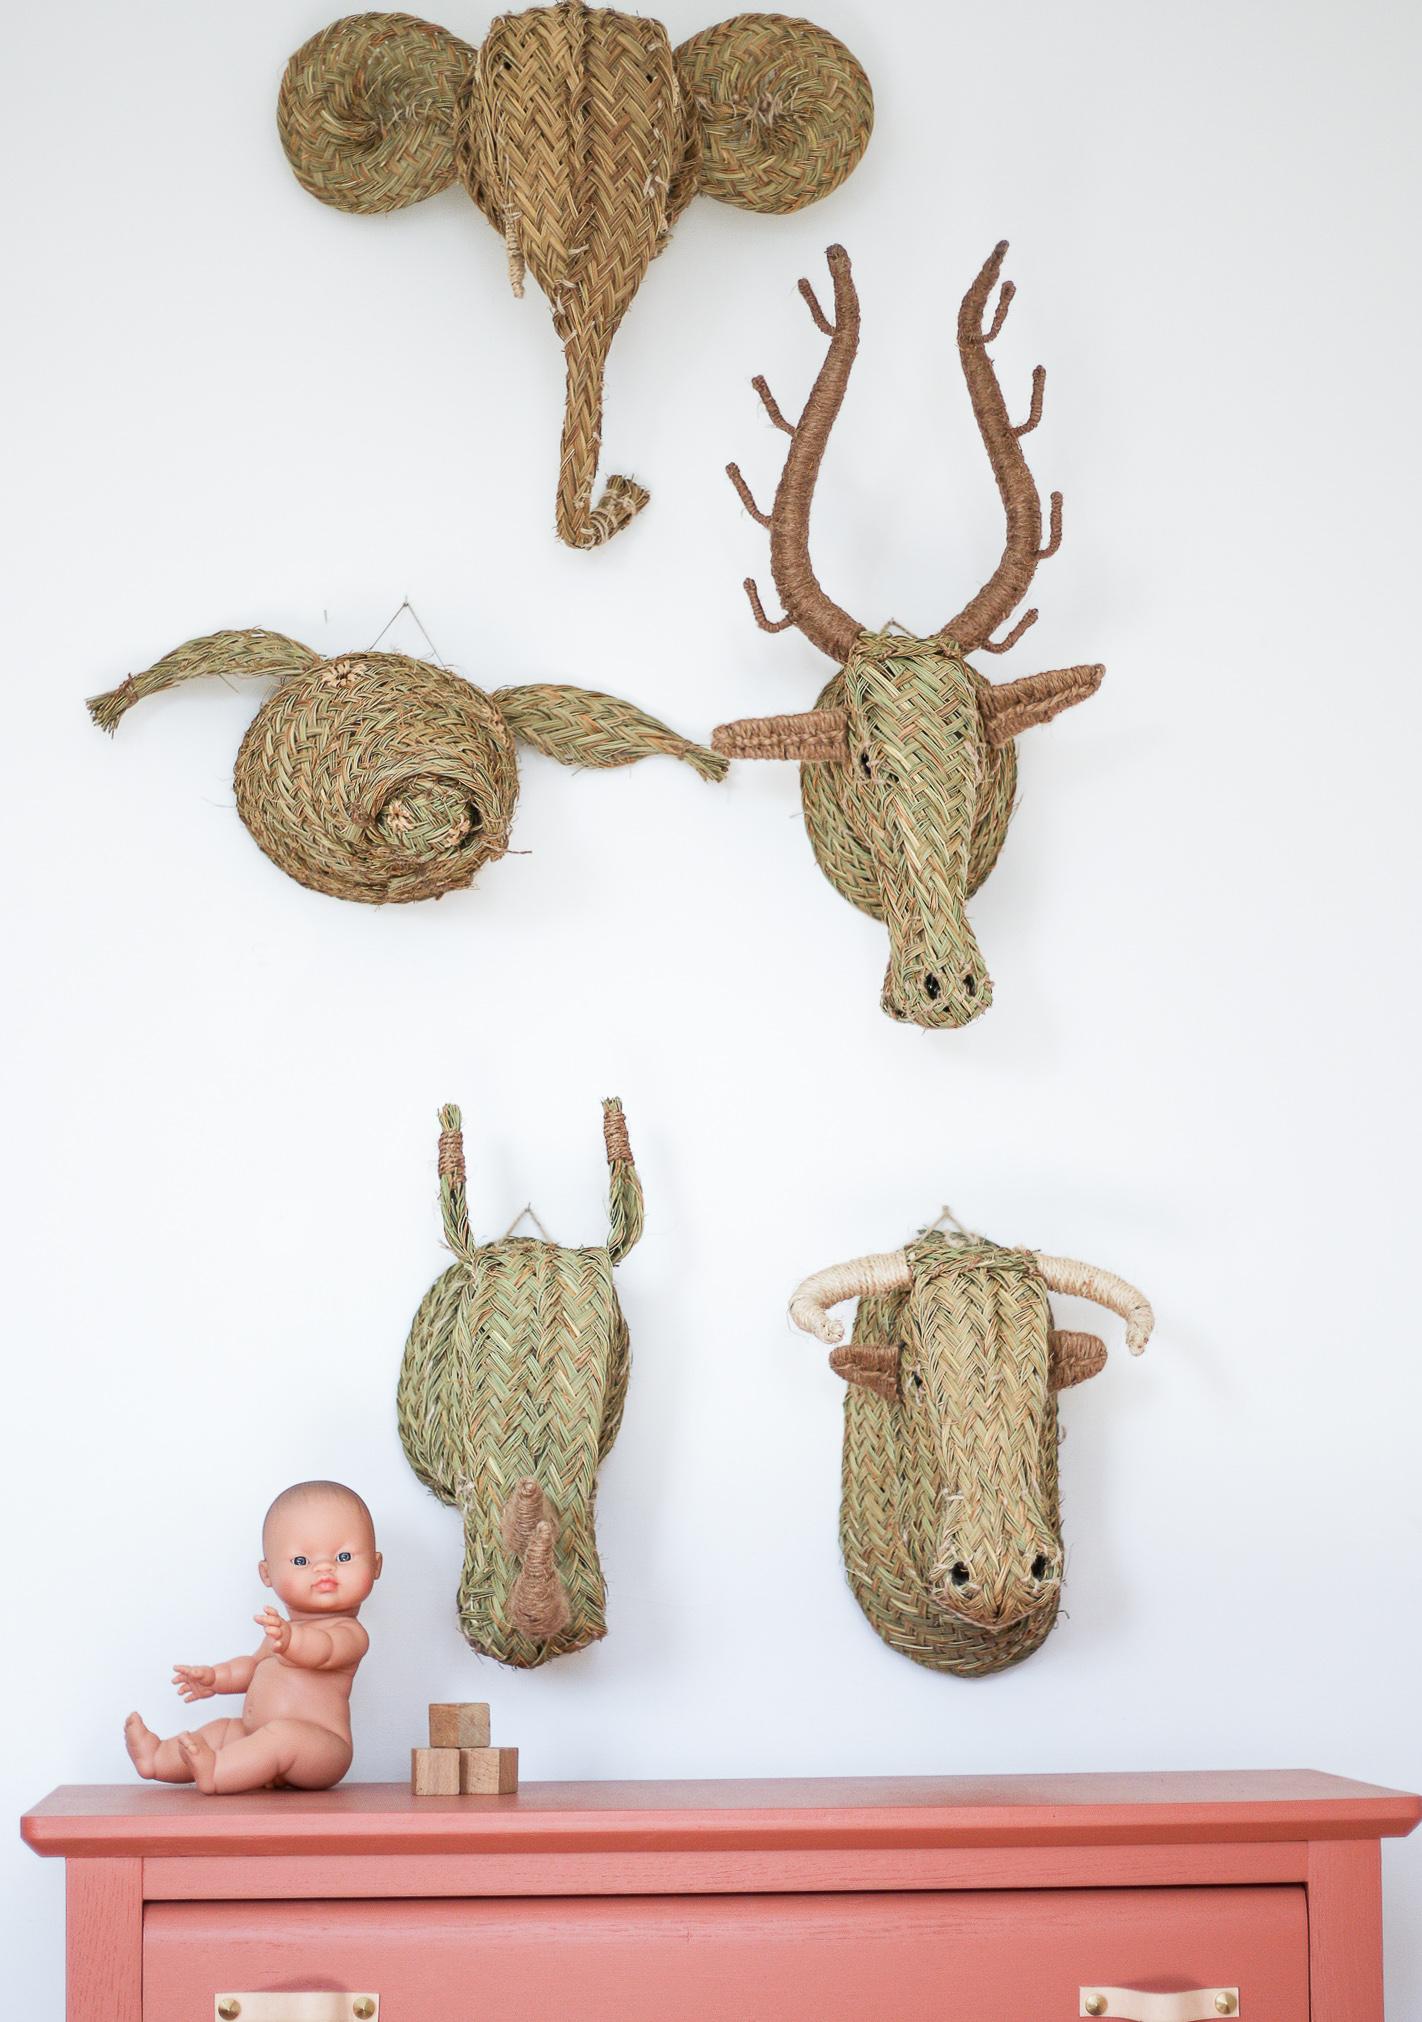 Trophée animal, trophée mural en esparto : éléphant, cochon, cerf, rhinocéros, taureau. Vendu sur le site Trendy Little